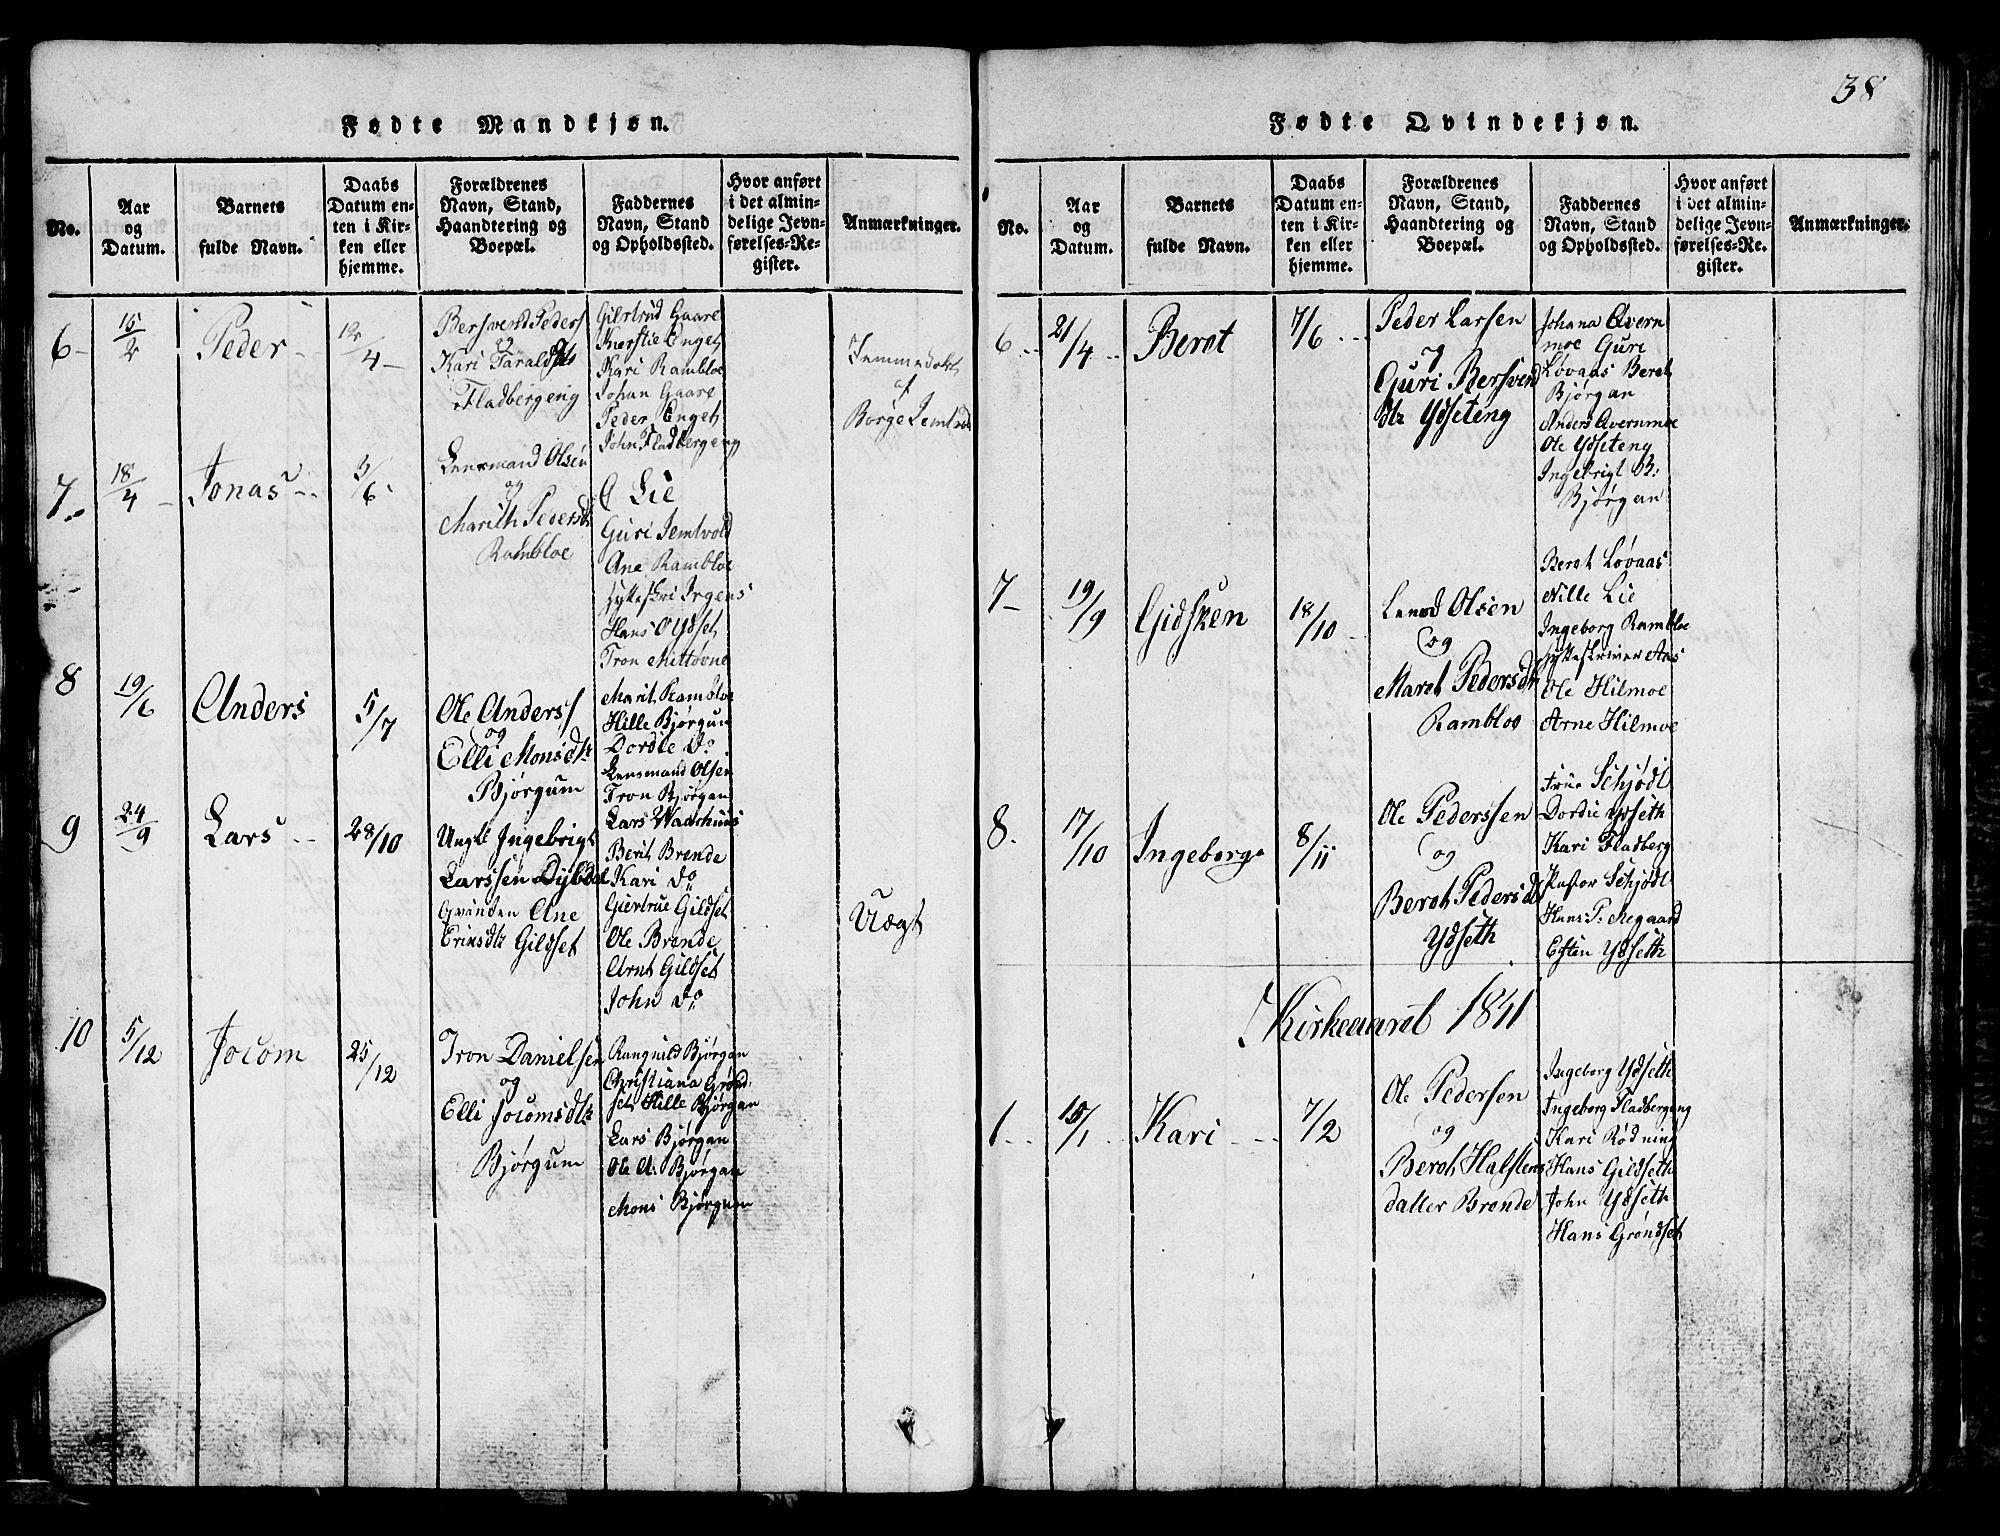 SAT, Ministerialprotokoller, klokkerbøker og fødselsregistre - Sør-Trøndelag, 685/L0976: Klokkerbok nr. 685C01, 1817-1878, s. 38